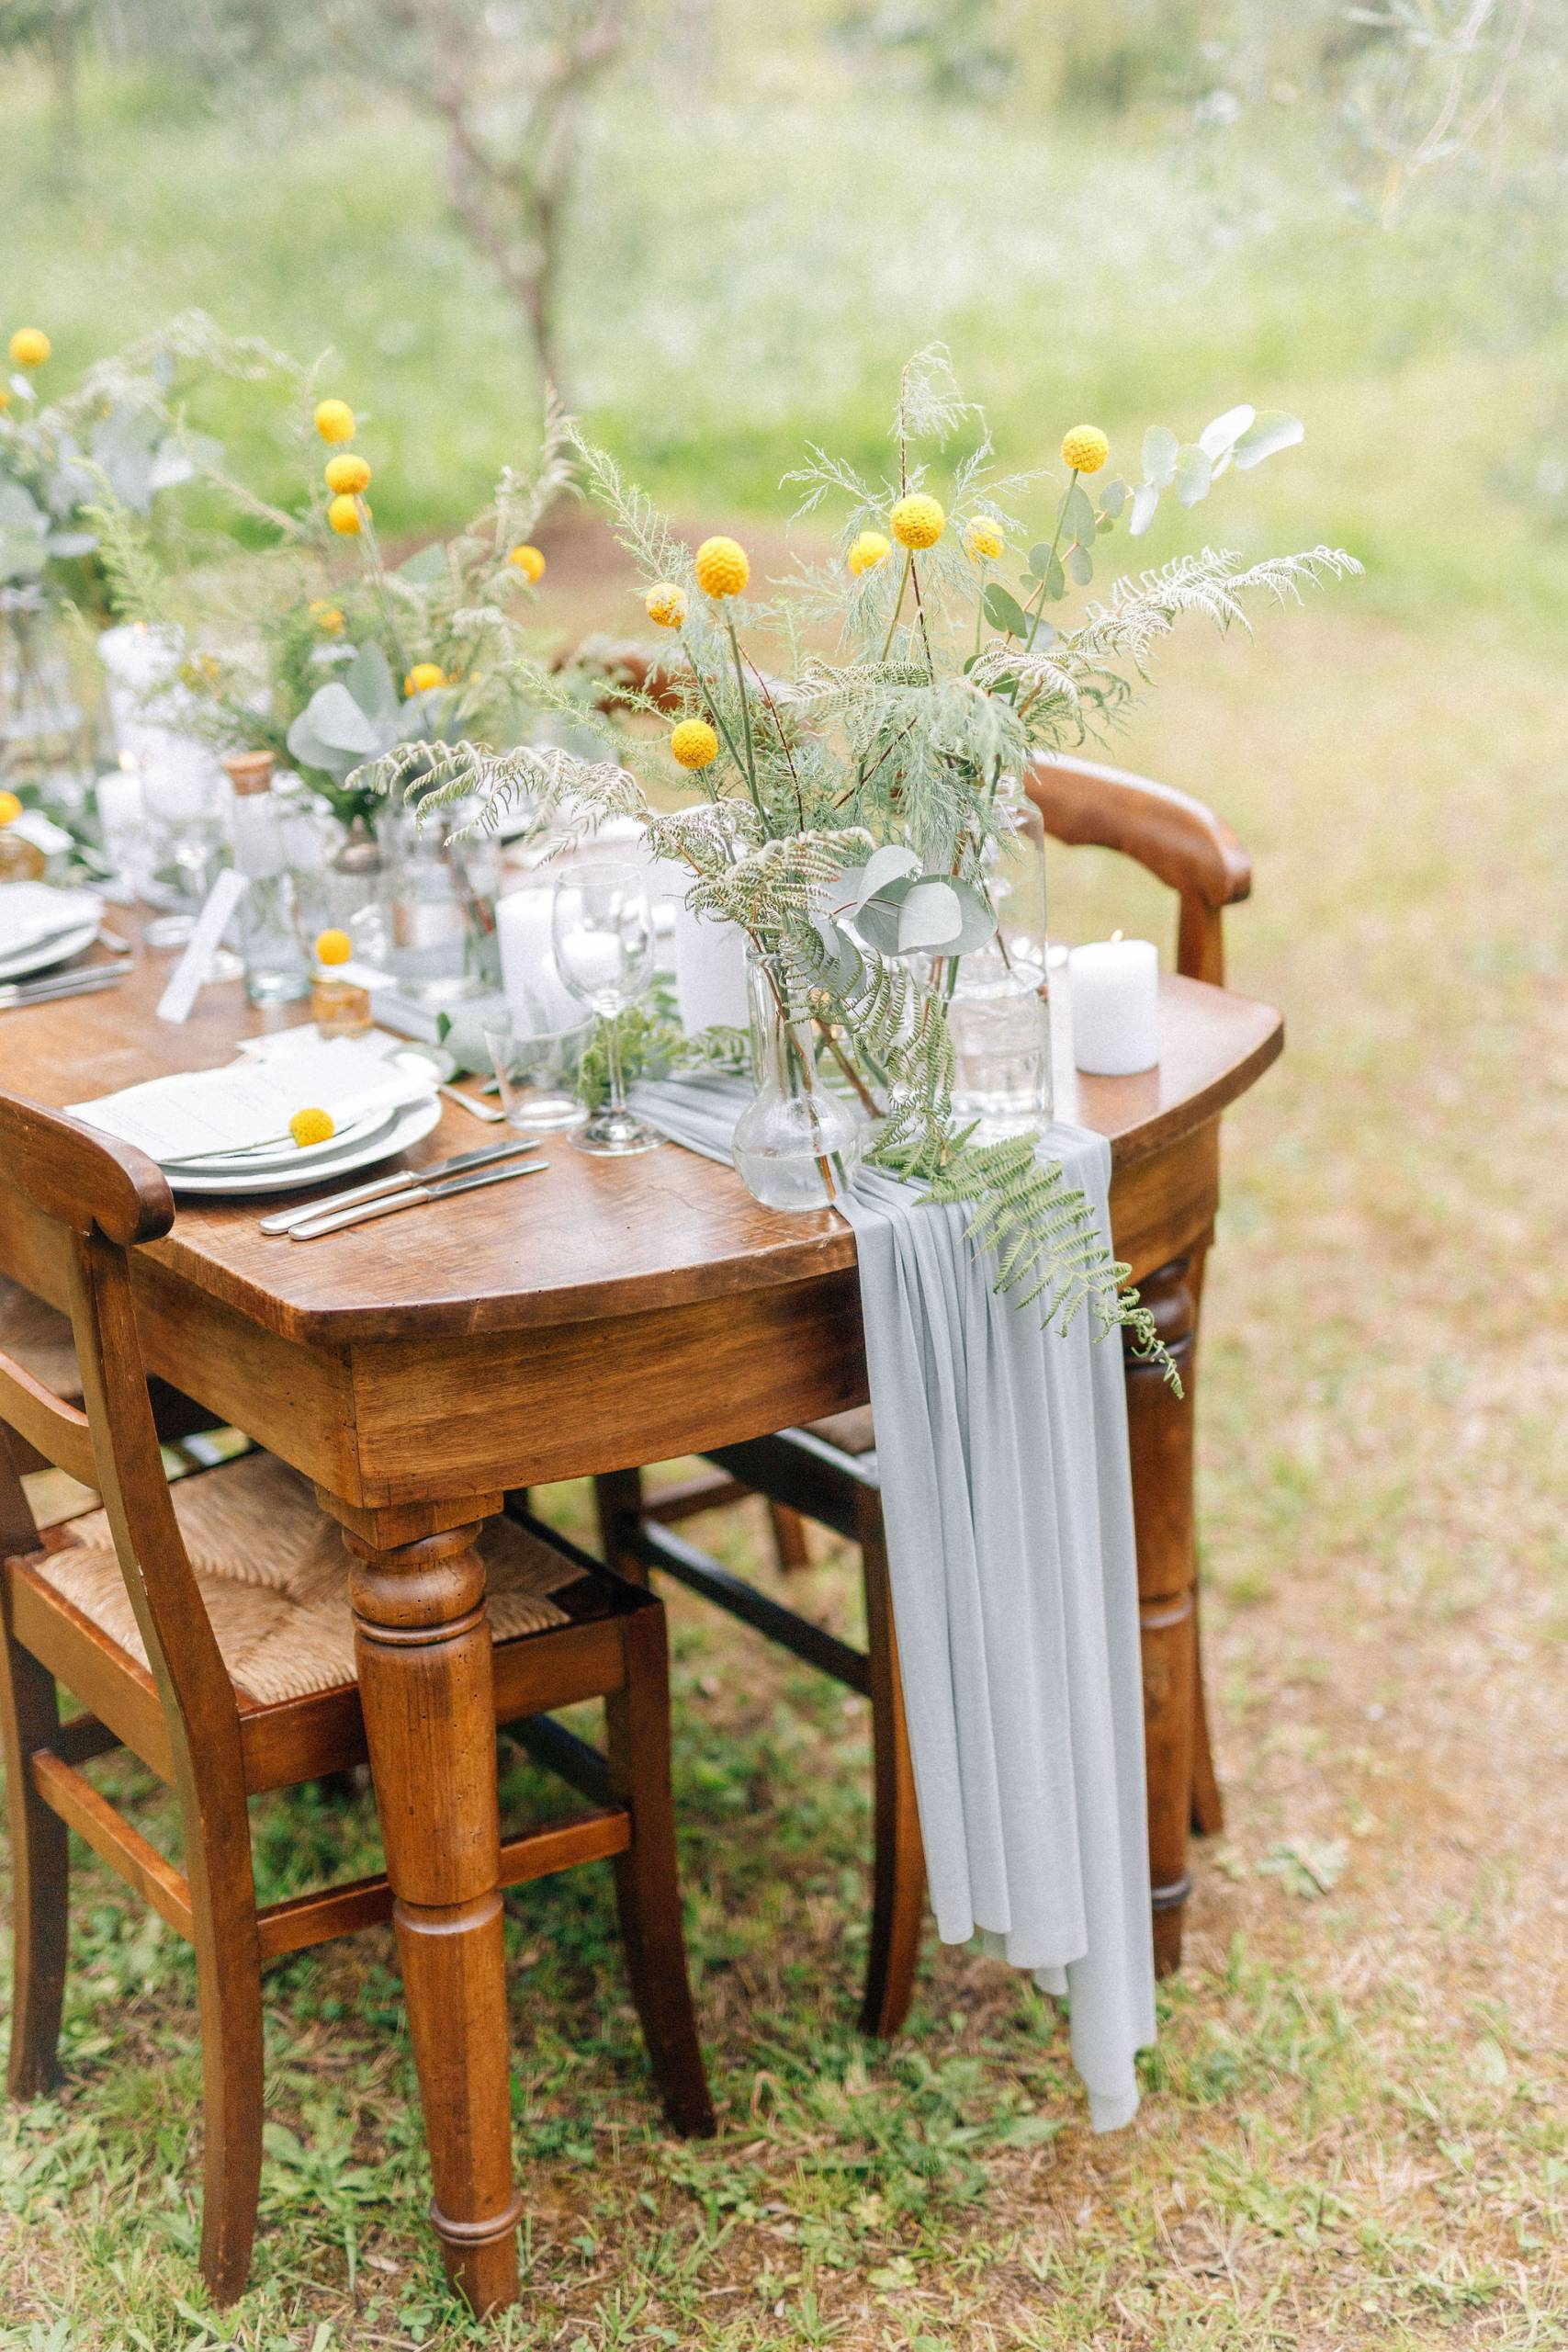 Un piccolo eco matrimonio nell'uliveto-tavolo